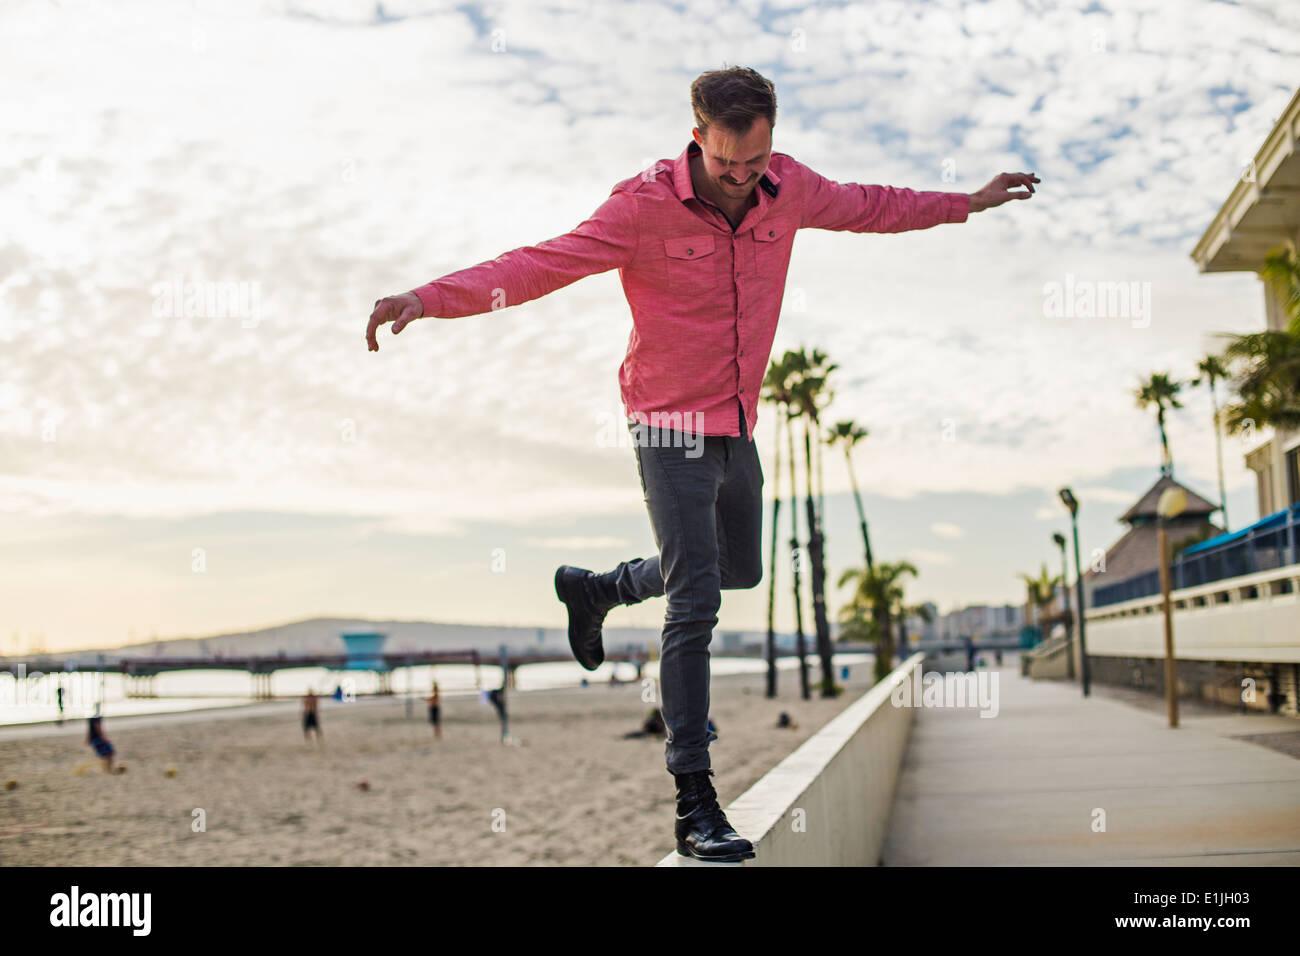 Junger Mann, balancieren auf Wand, Long Beach, Kalifornien, USA Stockbild